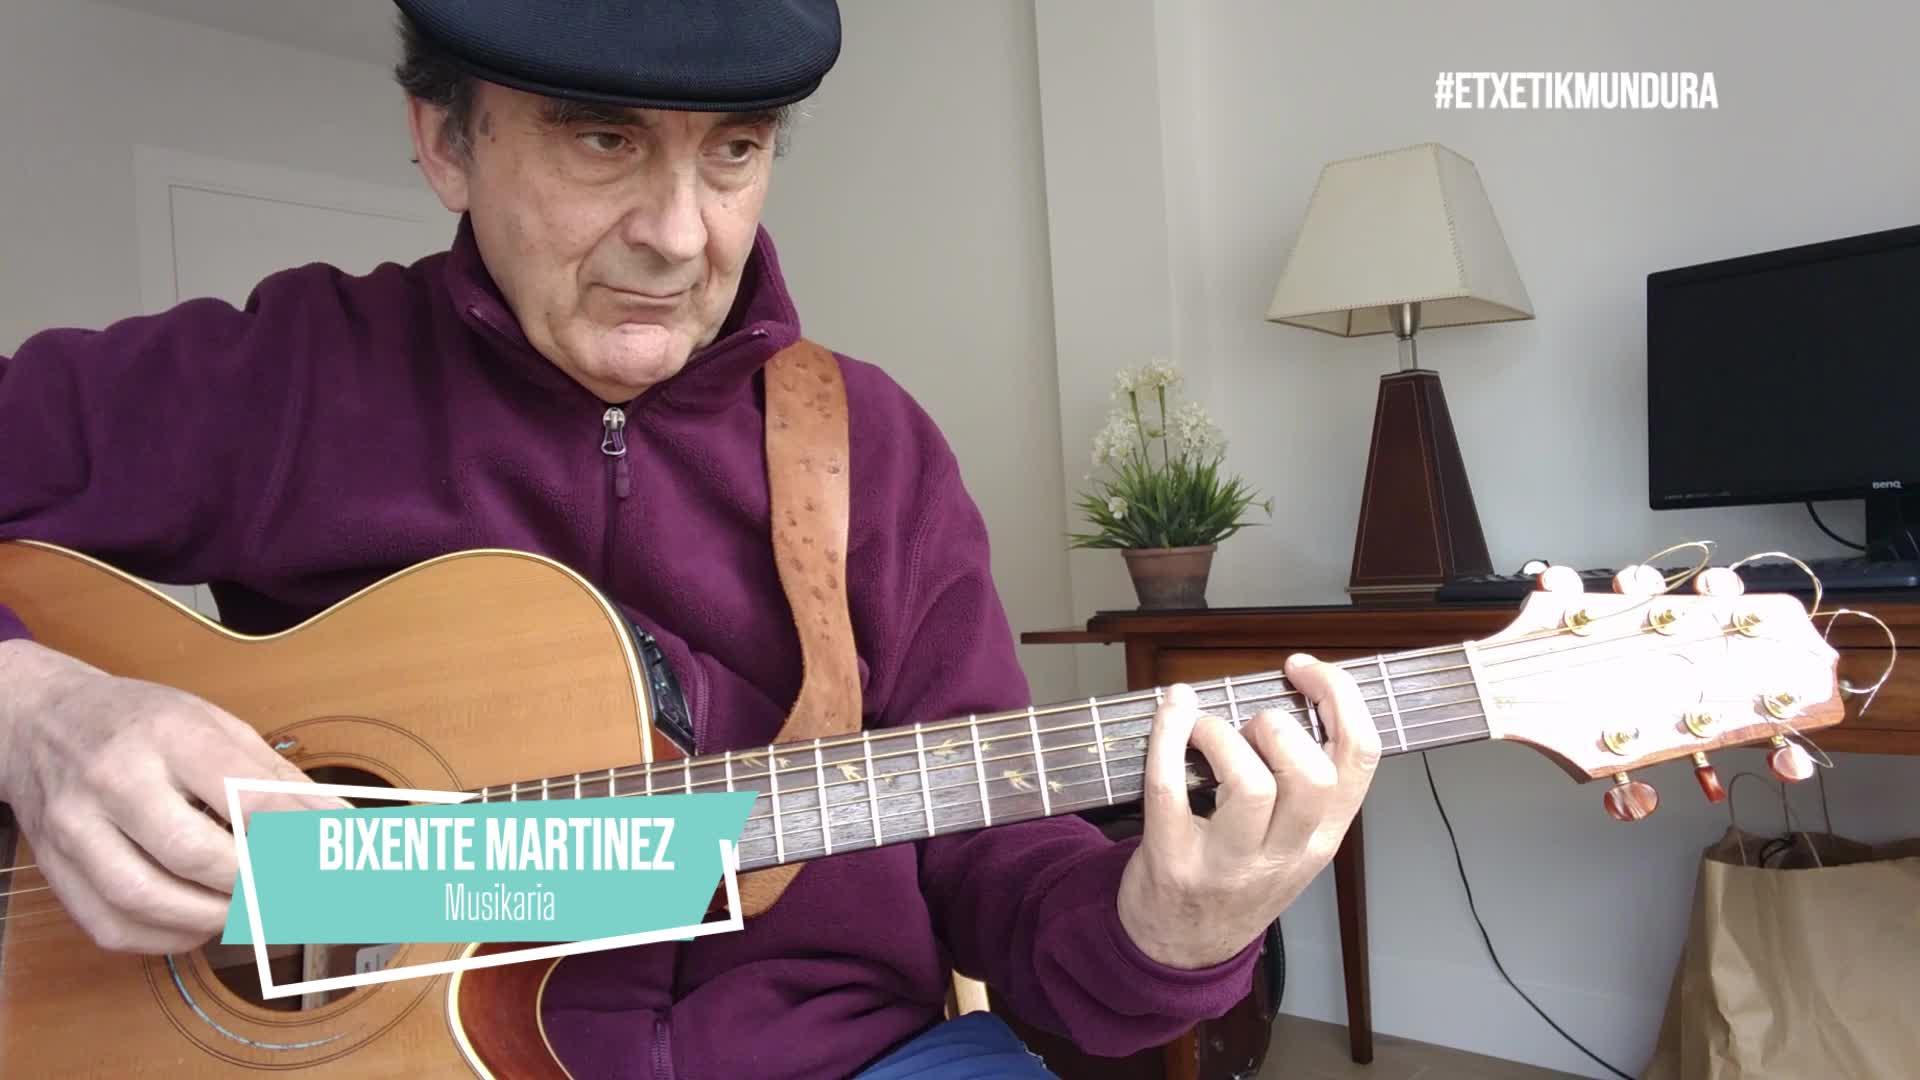 Bixente Martinezen musika, etxetik mundura